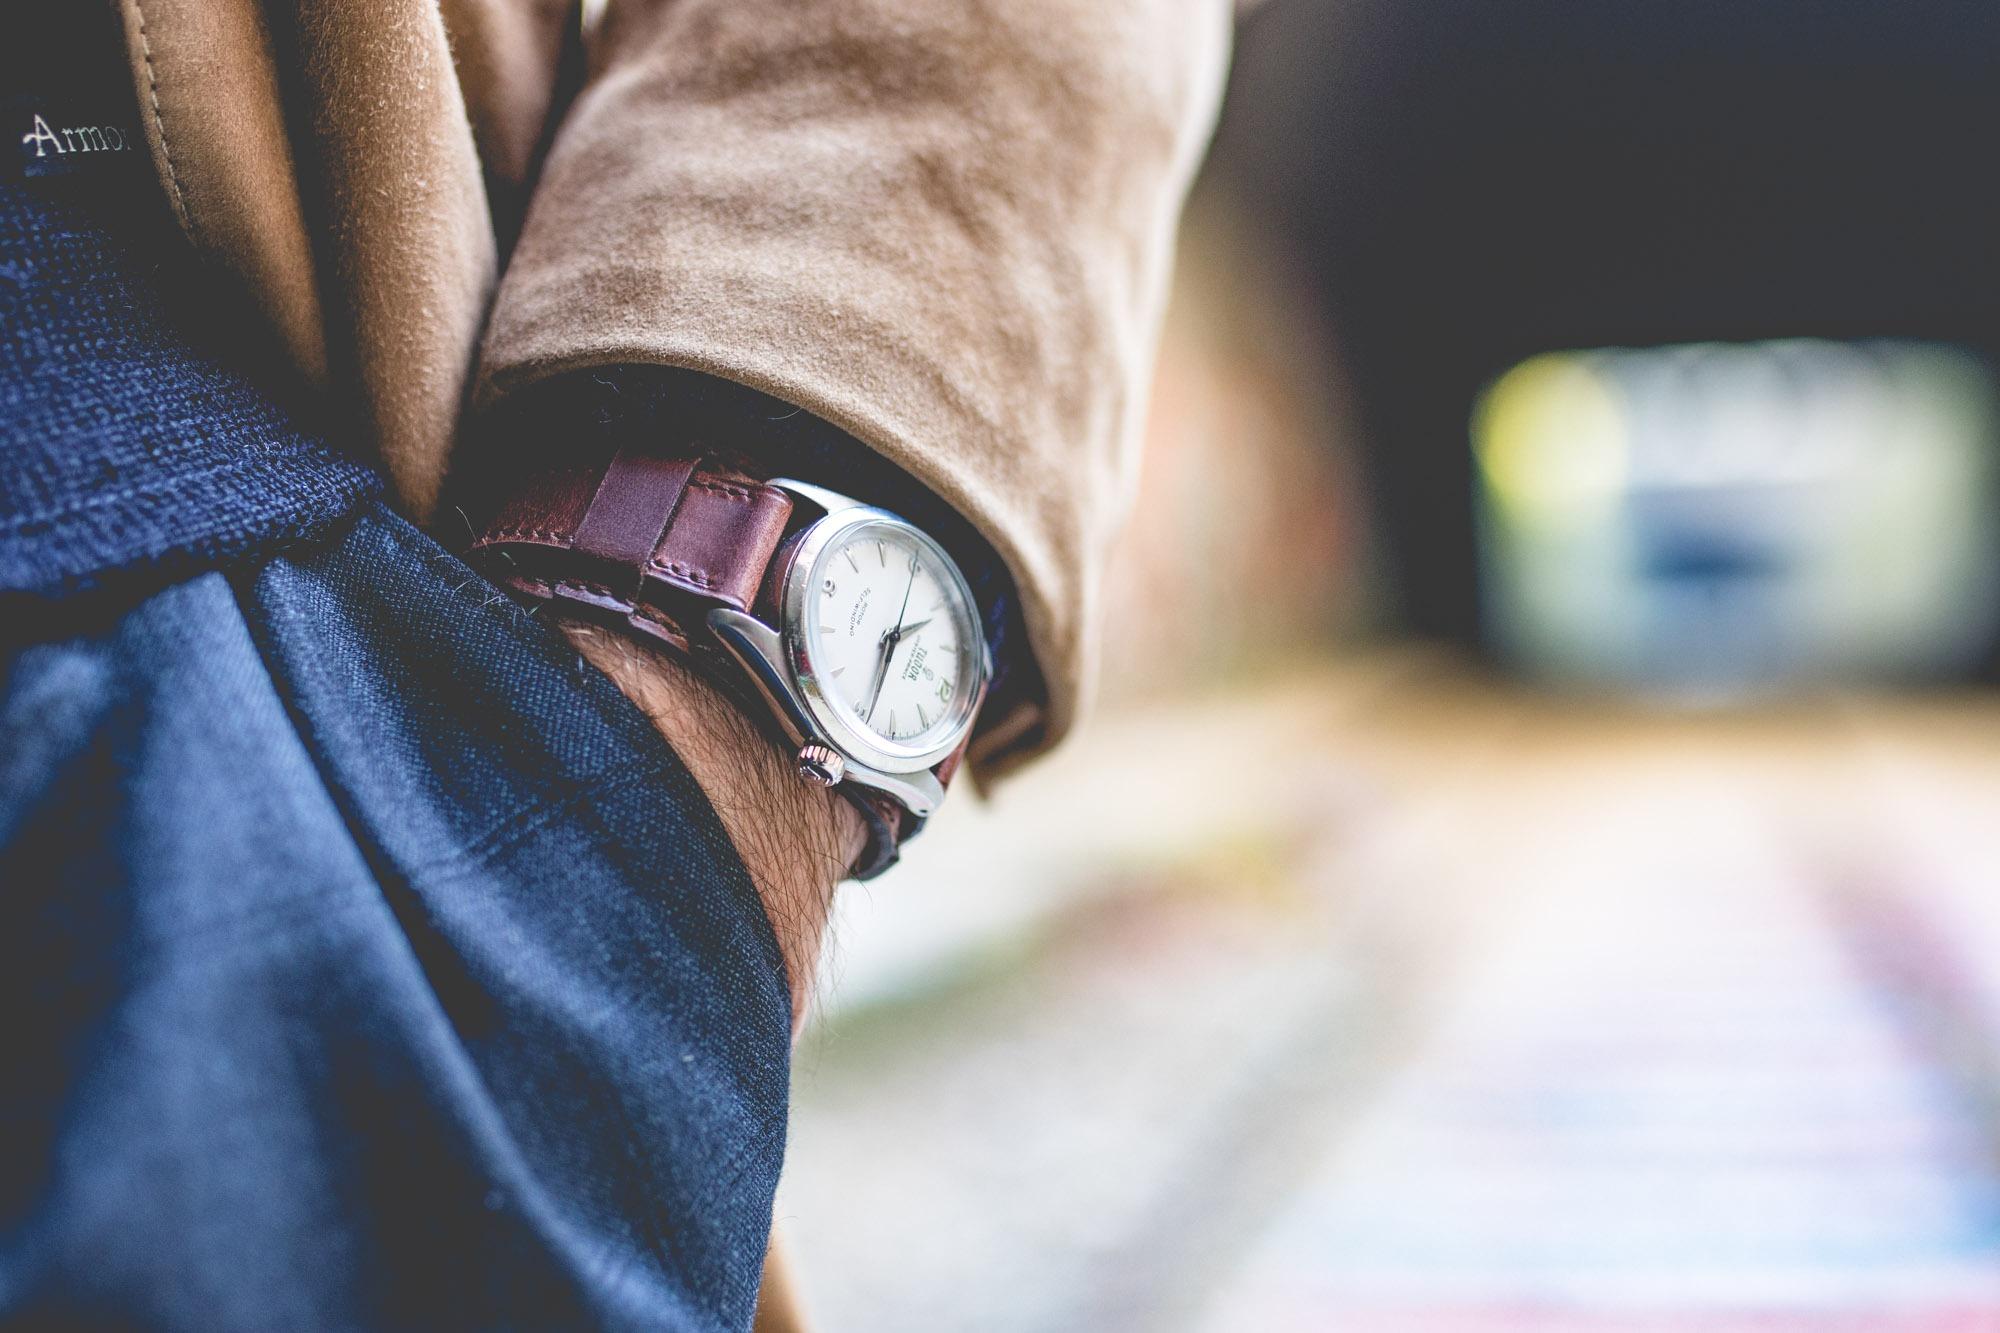 Joseph Bonnie - Bracelet de montre type Bund - Tudor Oyster Prince